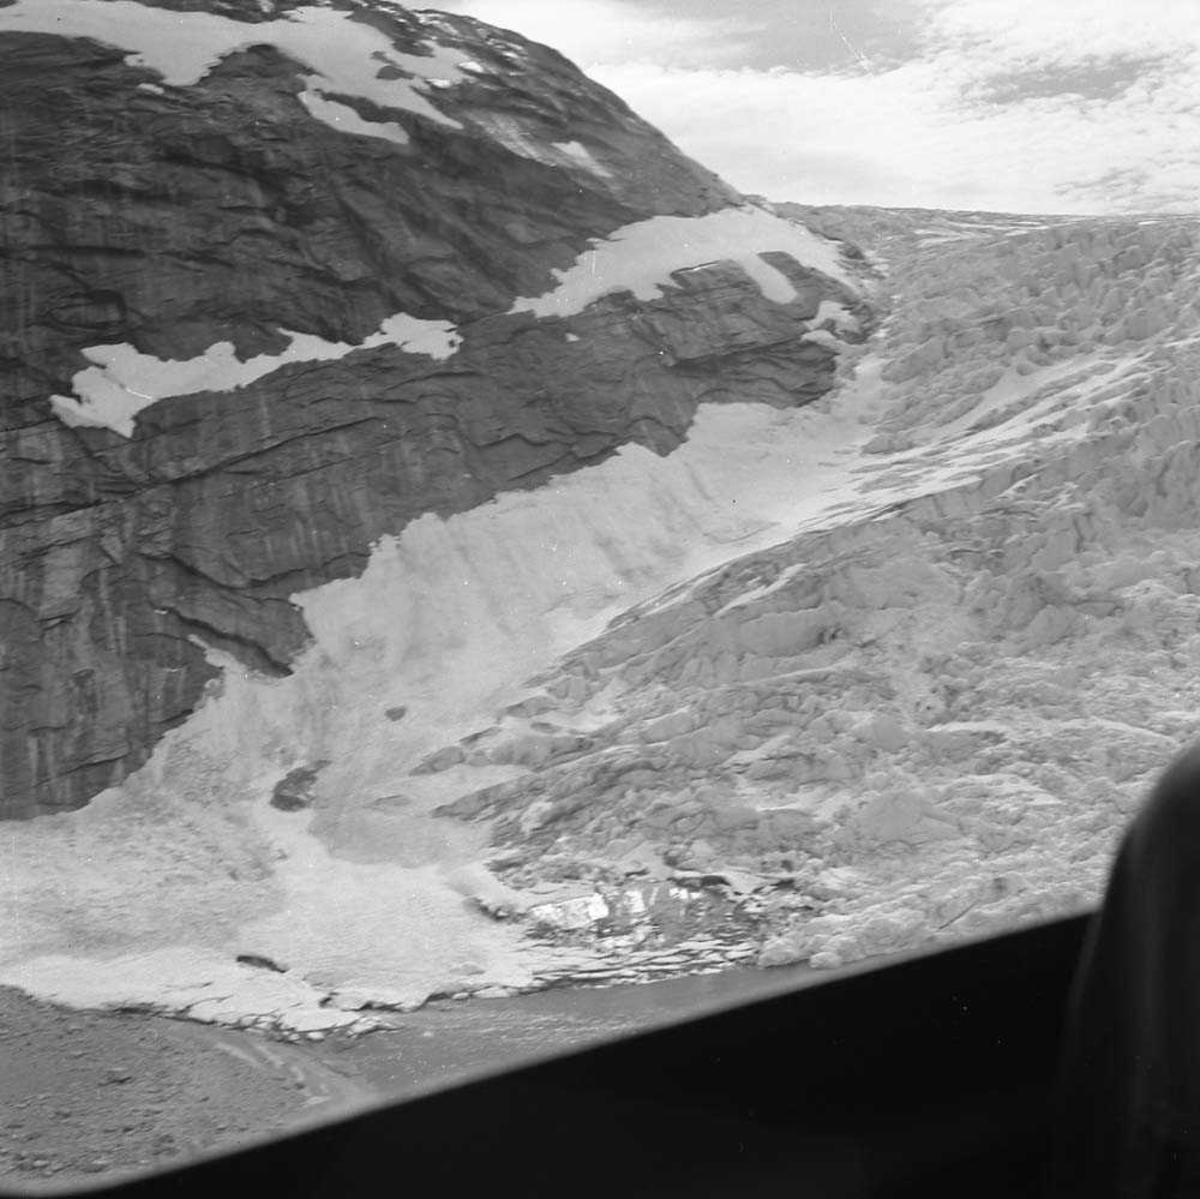 Amerikanere (77. skvadron) på besøk på Bodø flystasjon. Her er de på helikoptertur til Engabreen som kommer ut i Holandsfjorden (en brearm som henger sammen med Svartisen), med en UH-1B (Bell), som tilhører 719 skvadron på Bodø flystasjon.